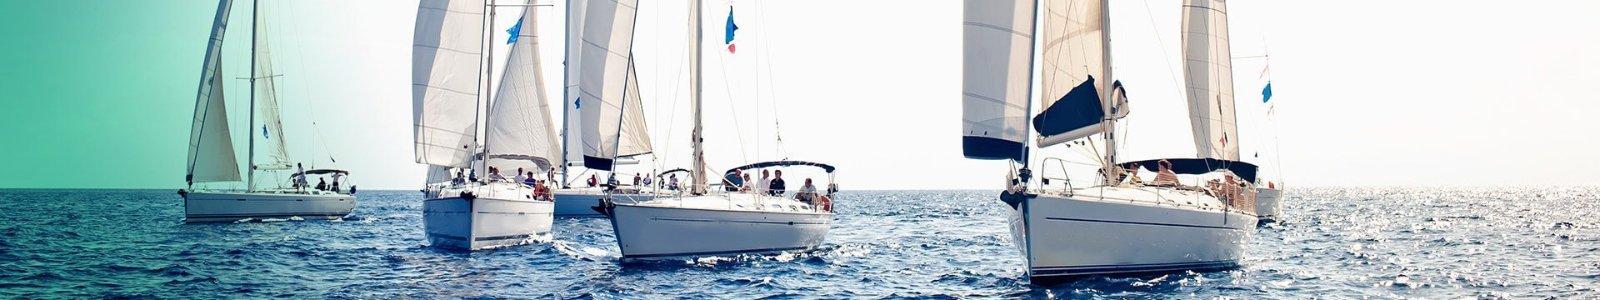 EBH-yacht-race